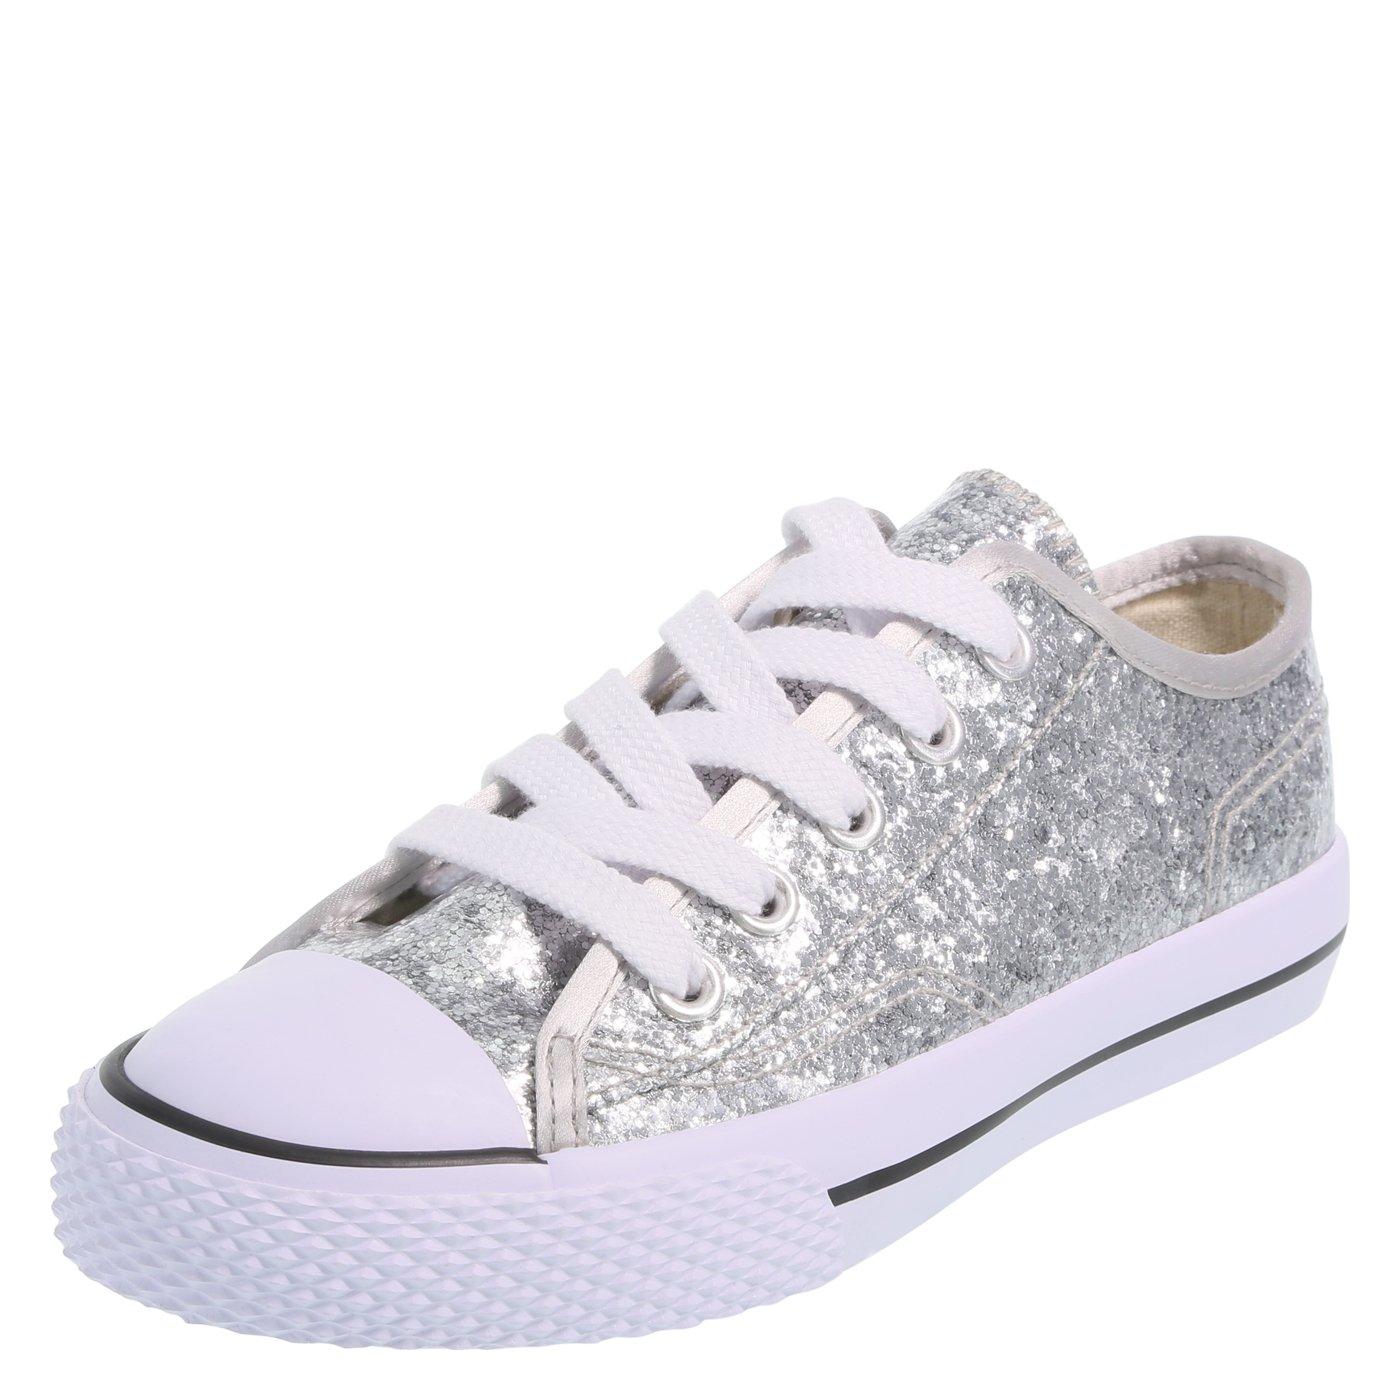 Airwalk Kids' Legacee Sneaker 078591-Parent